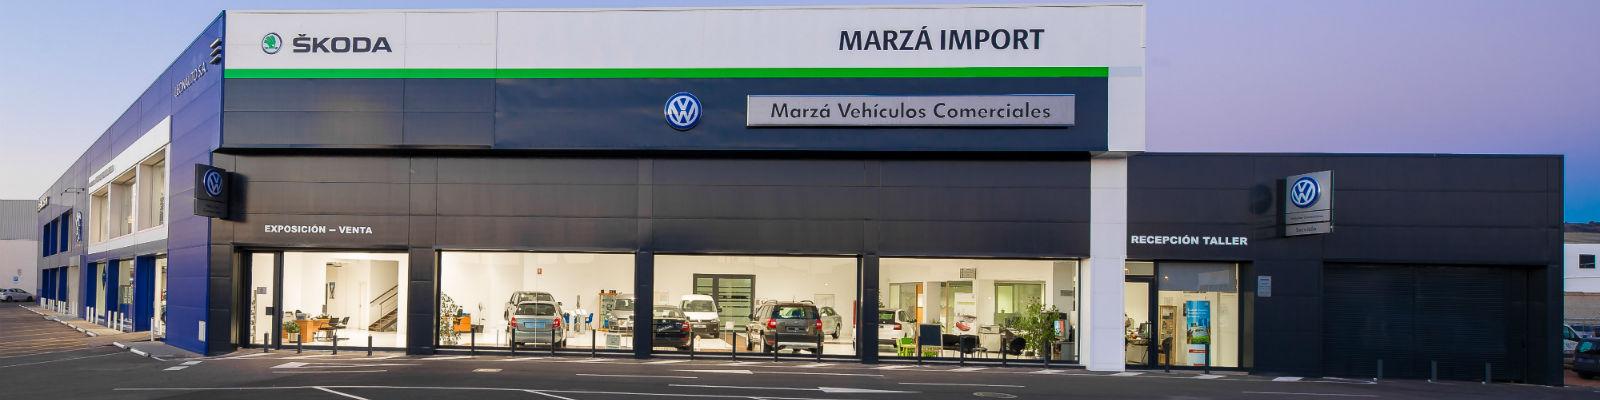 Marza VW Comerciales